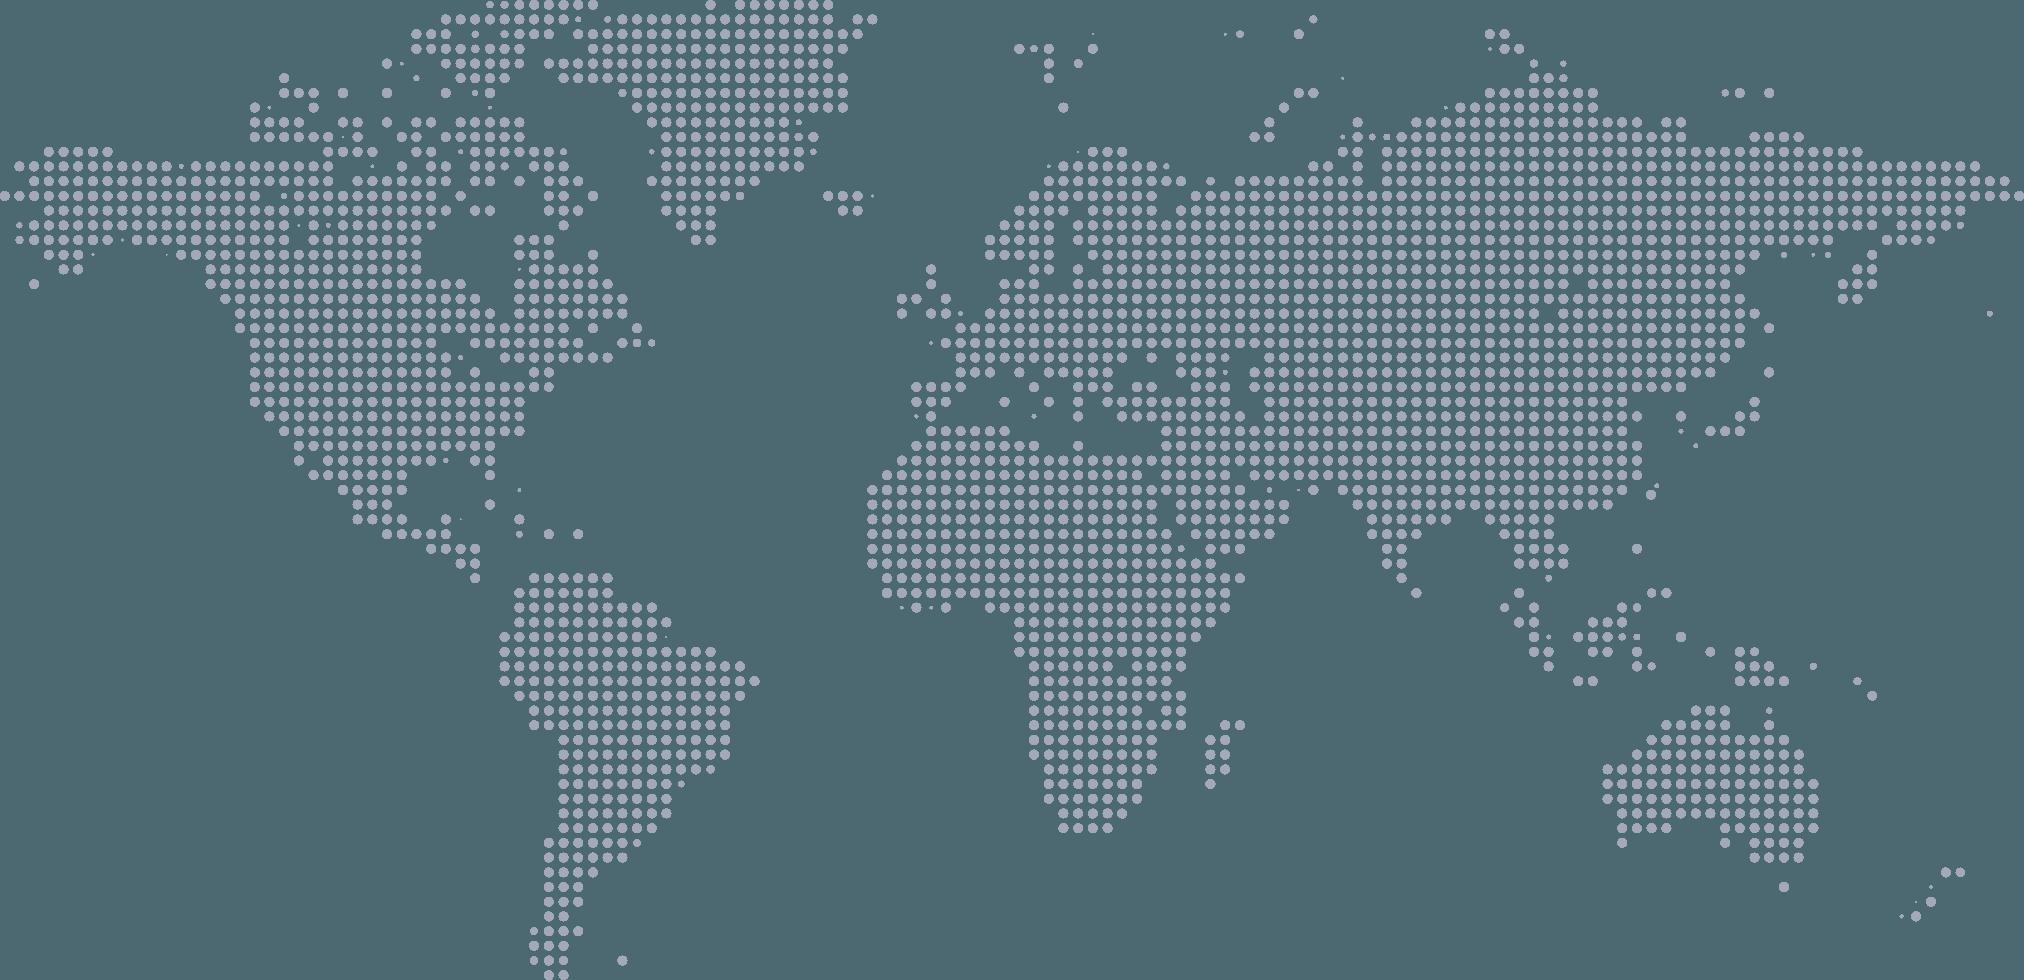 腾讯云全球基础设施